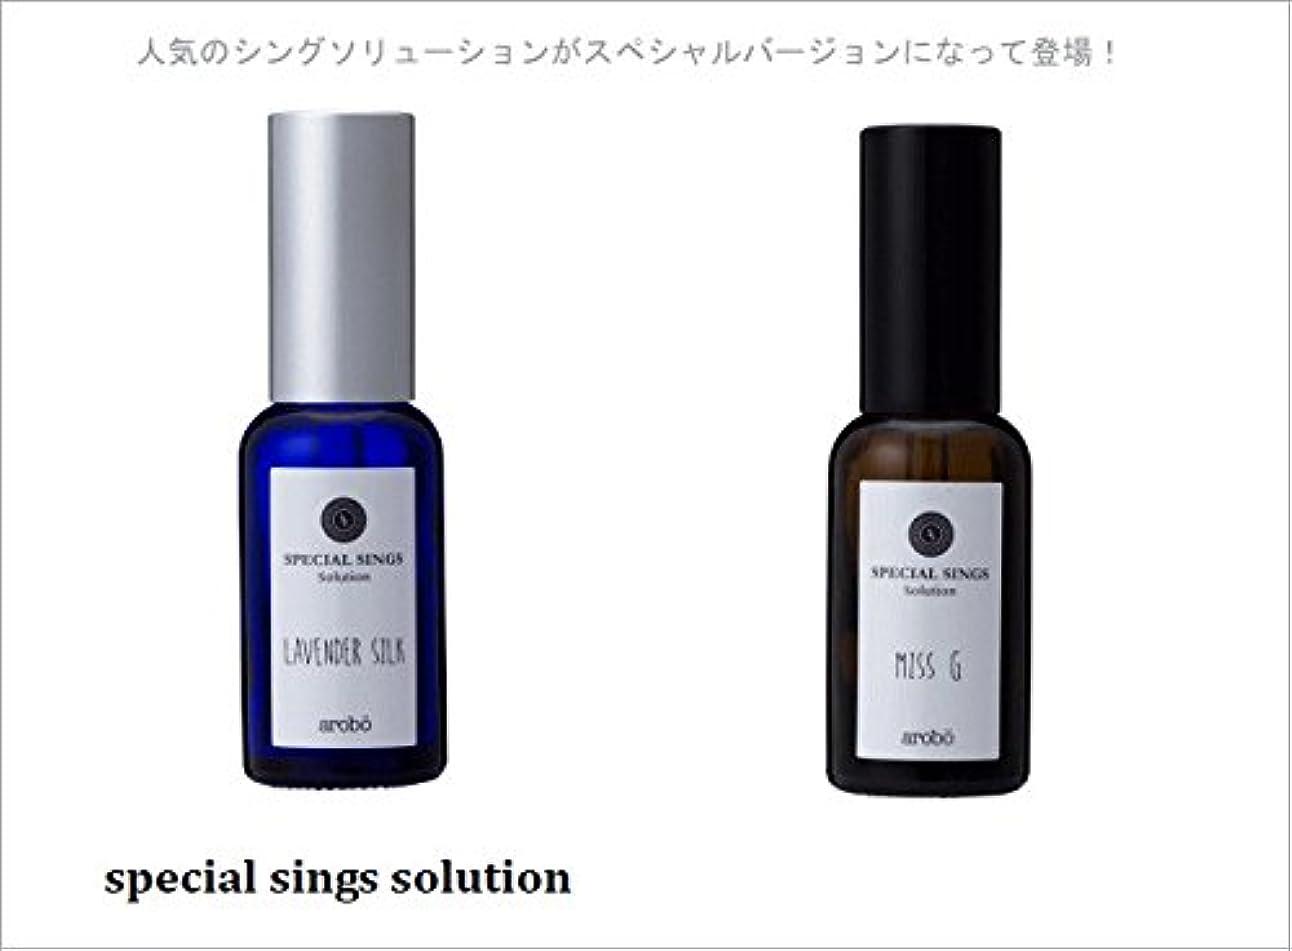 高い呼吸オーストラリア人arobo(アロボ) 専用ソリューション CLV- 831 Lavender Silk